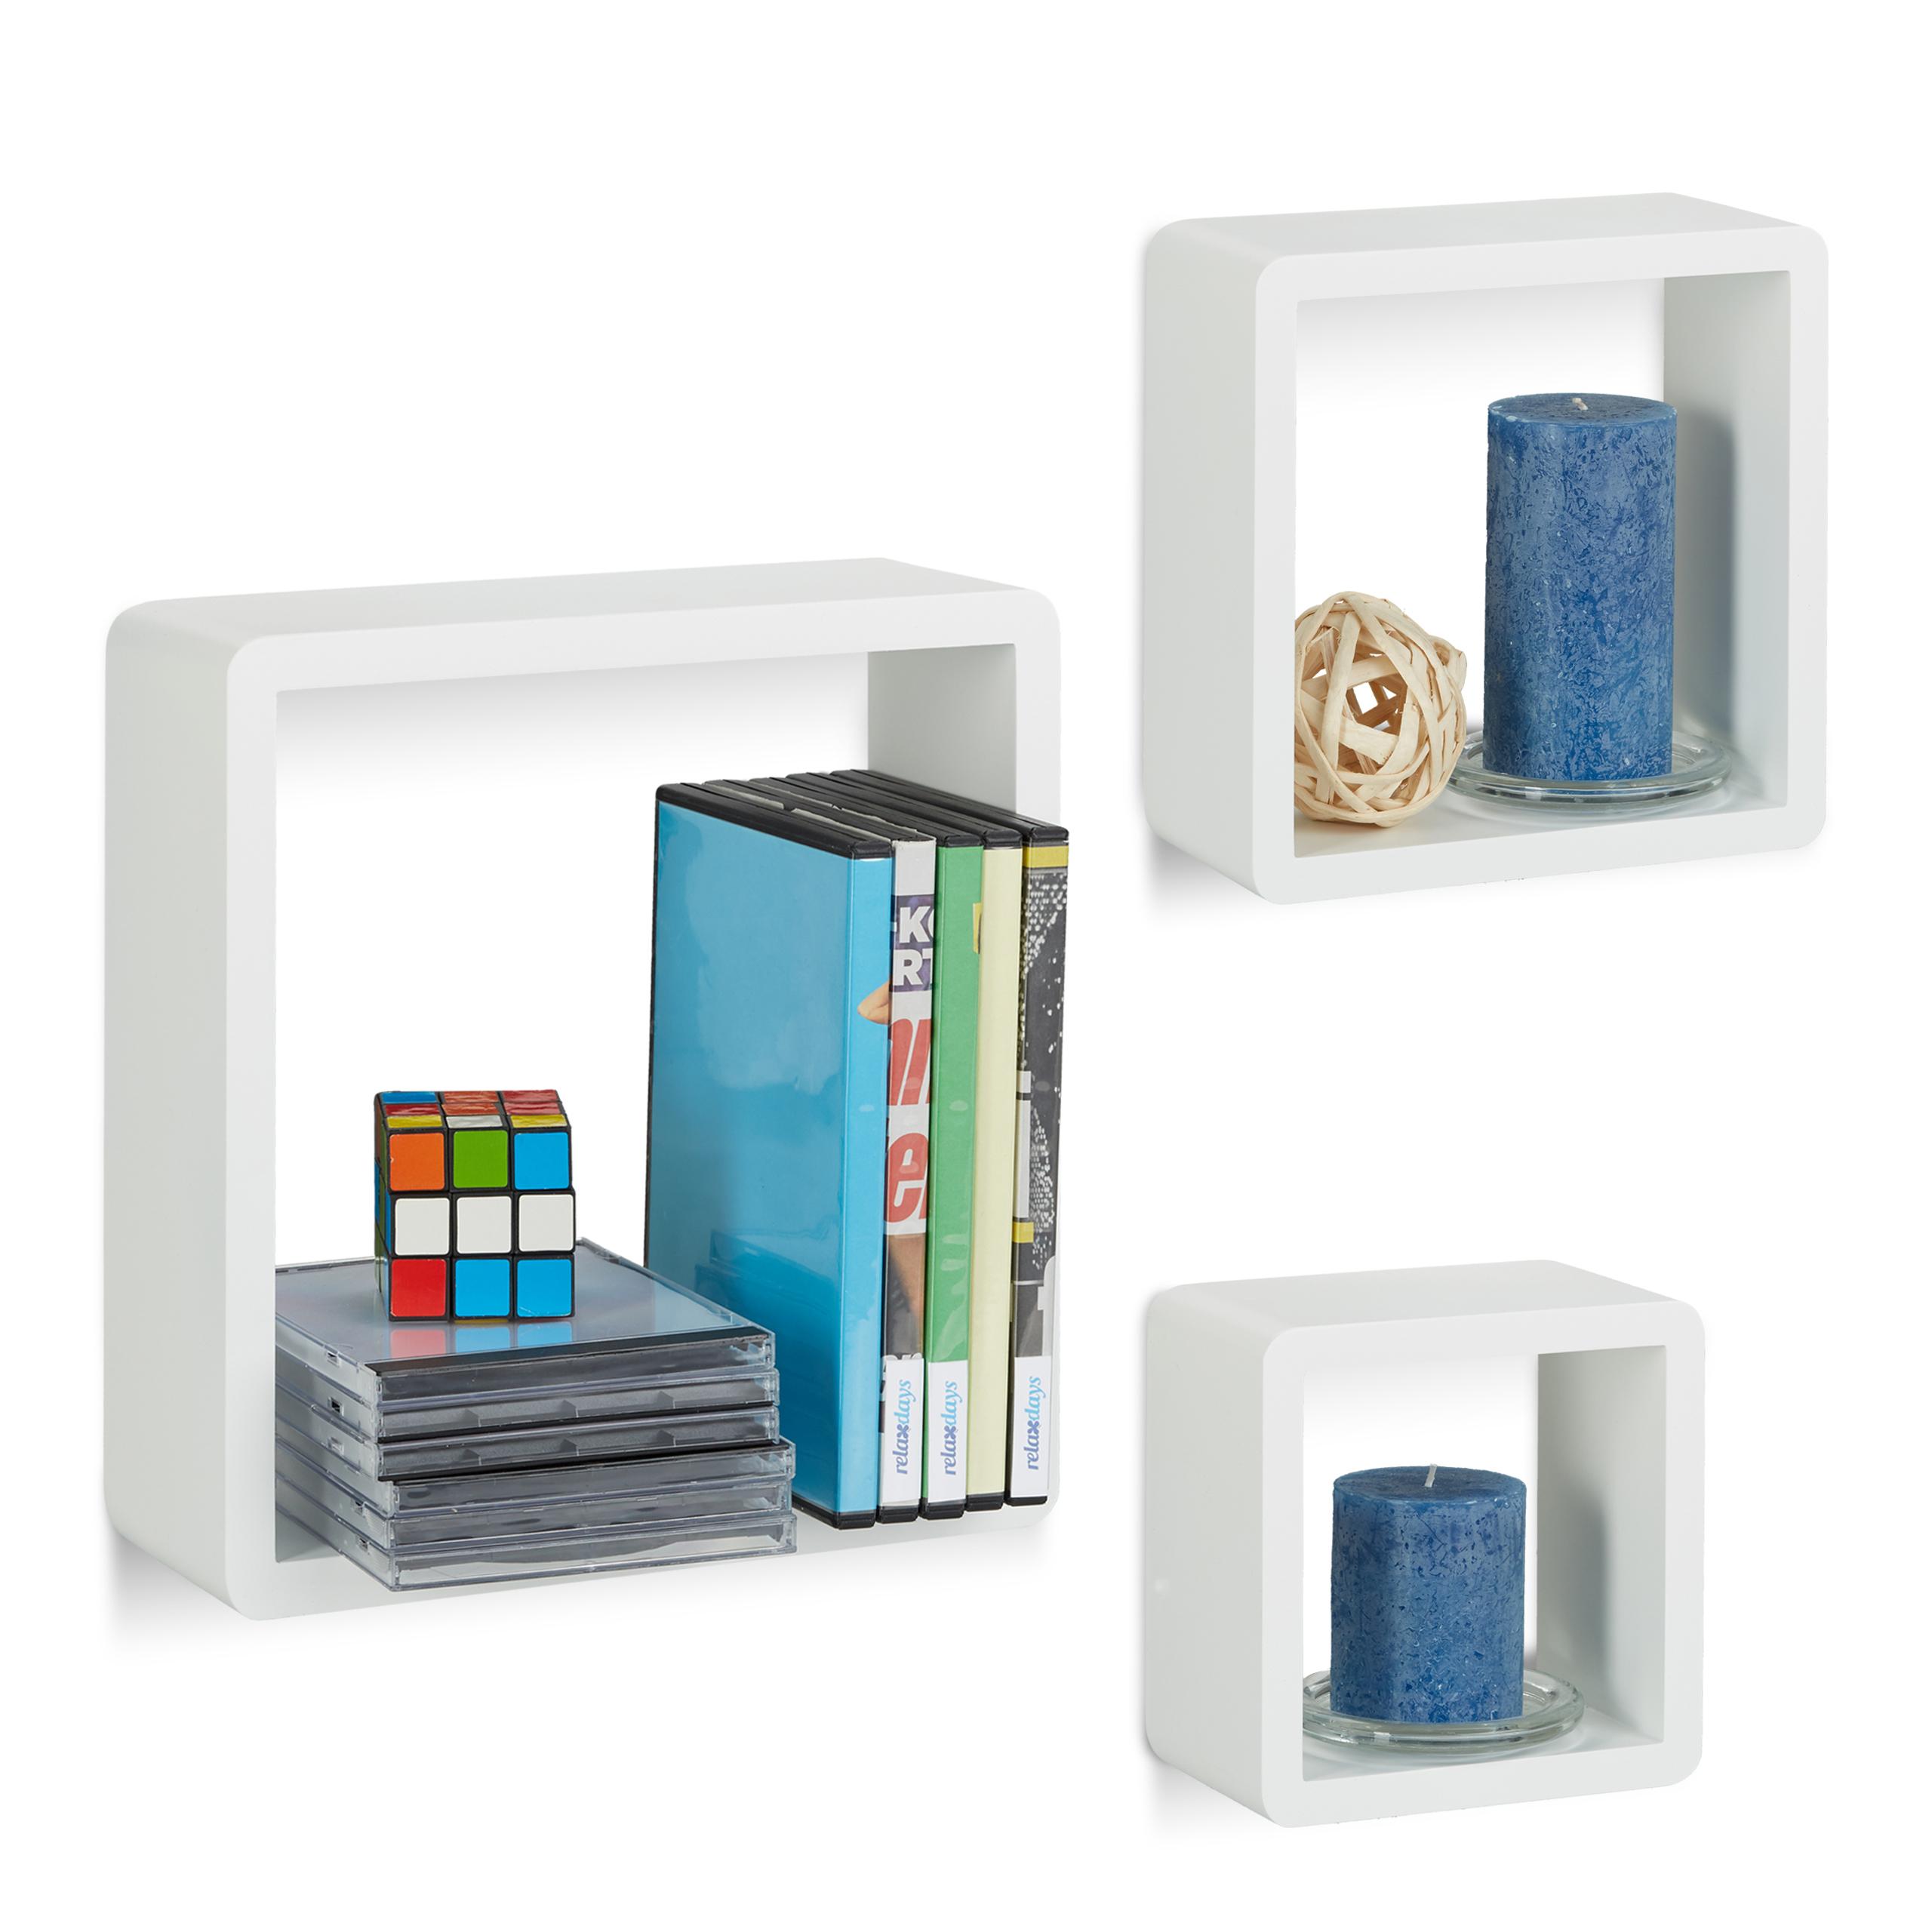 Set 3 mensole da parete Cube per soggiorno, con angoli arrotondati ...